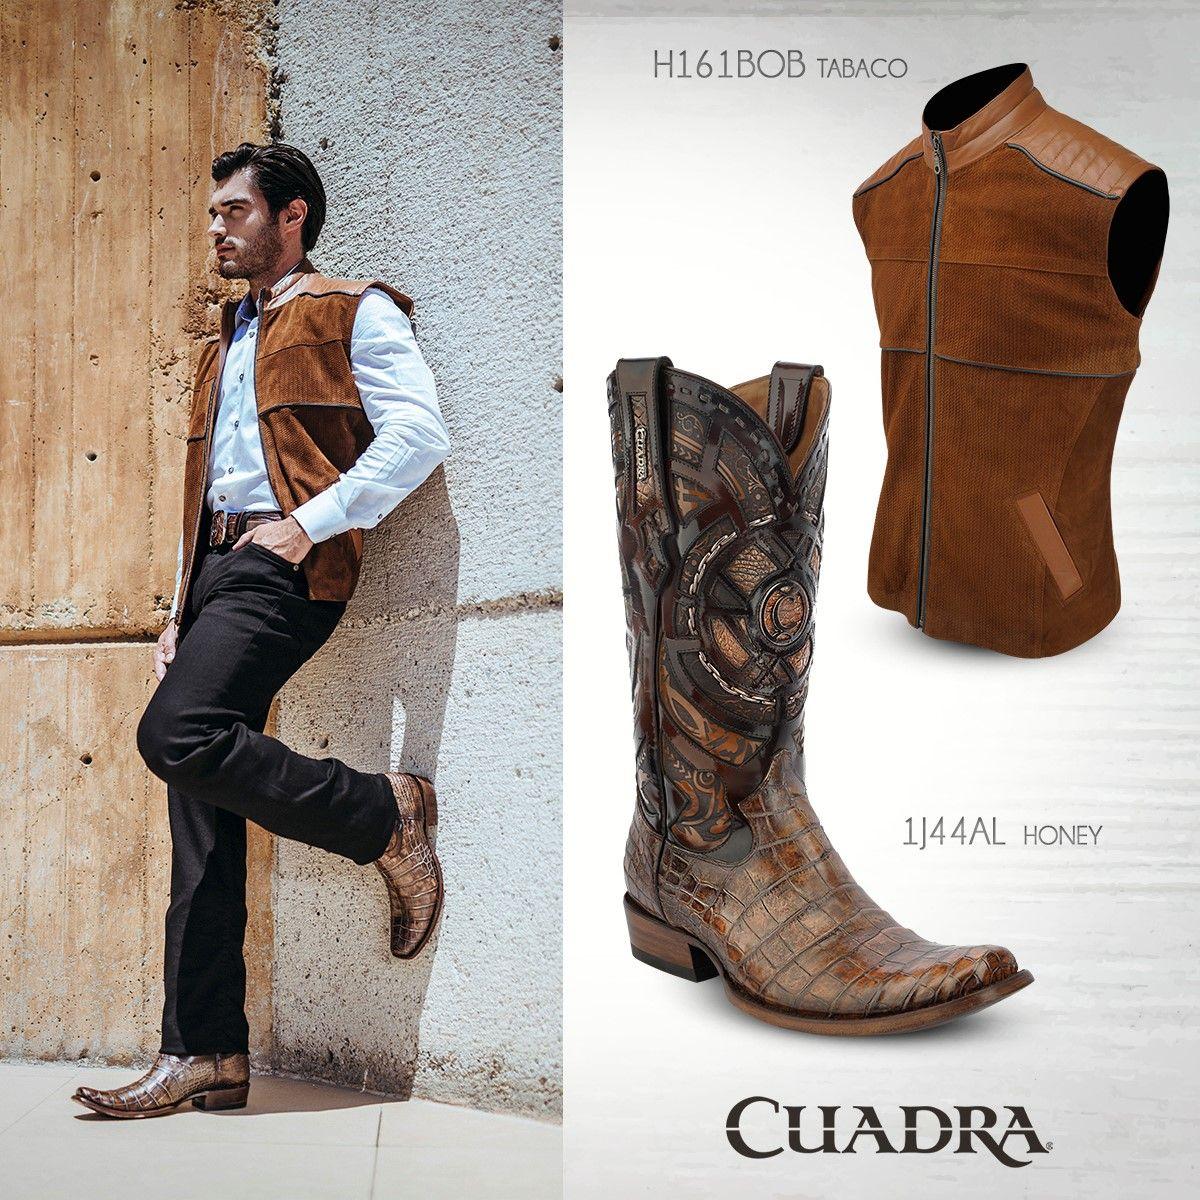 6e0db652265 Perfección de pies a cabeza.  CUADRA  Boots  Botas  Chaleco  Leather ...